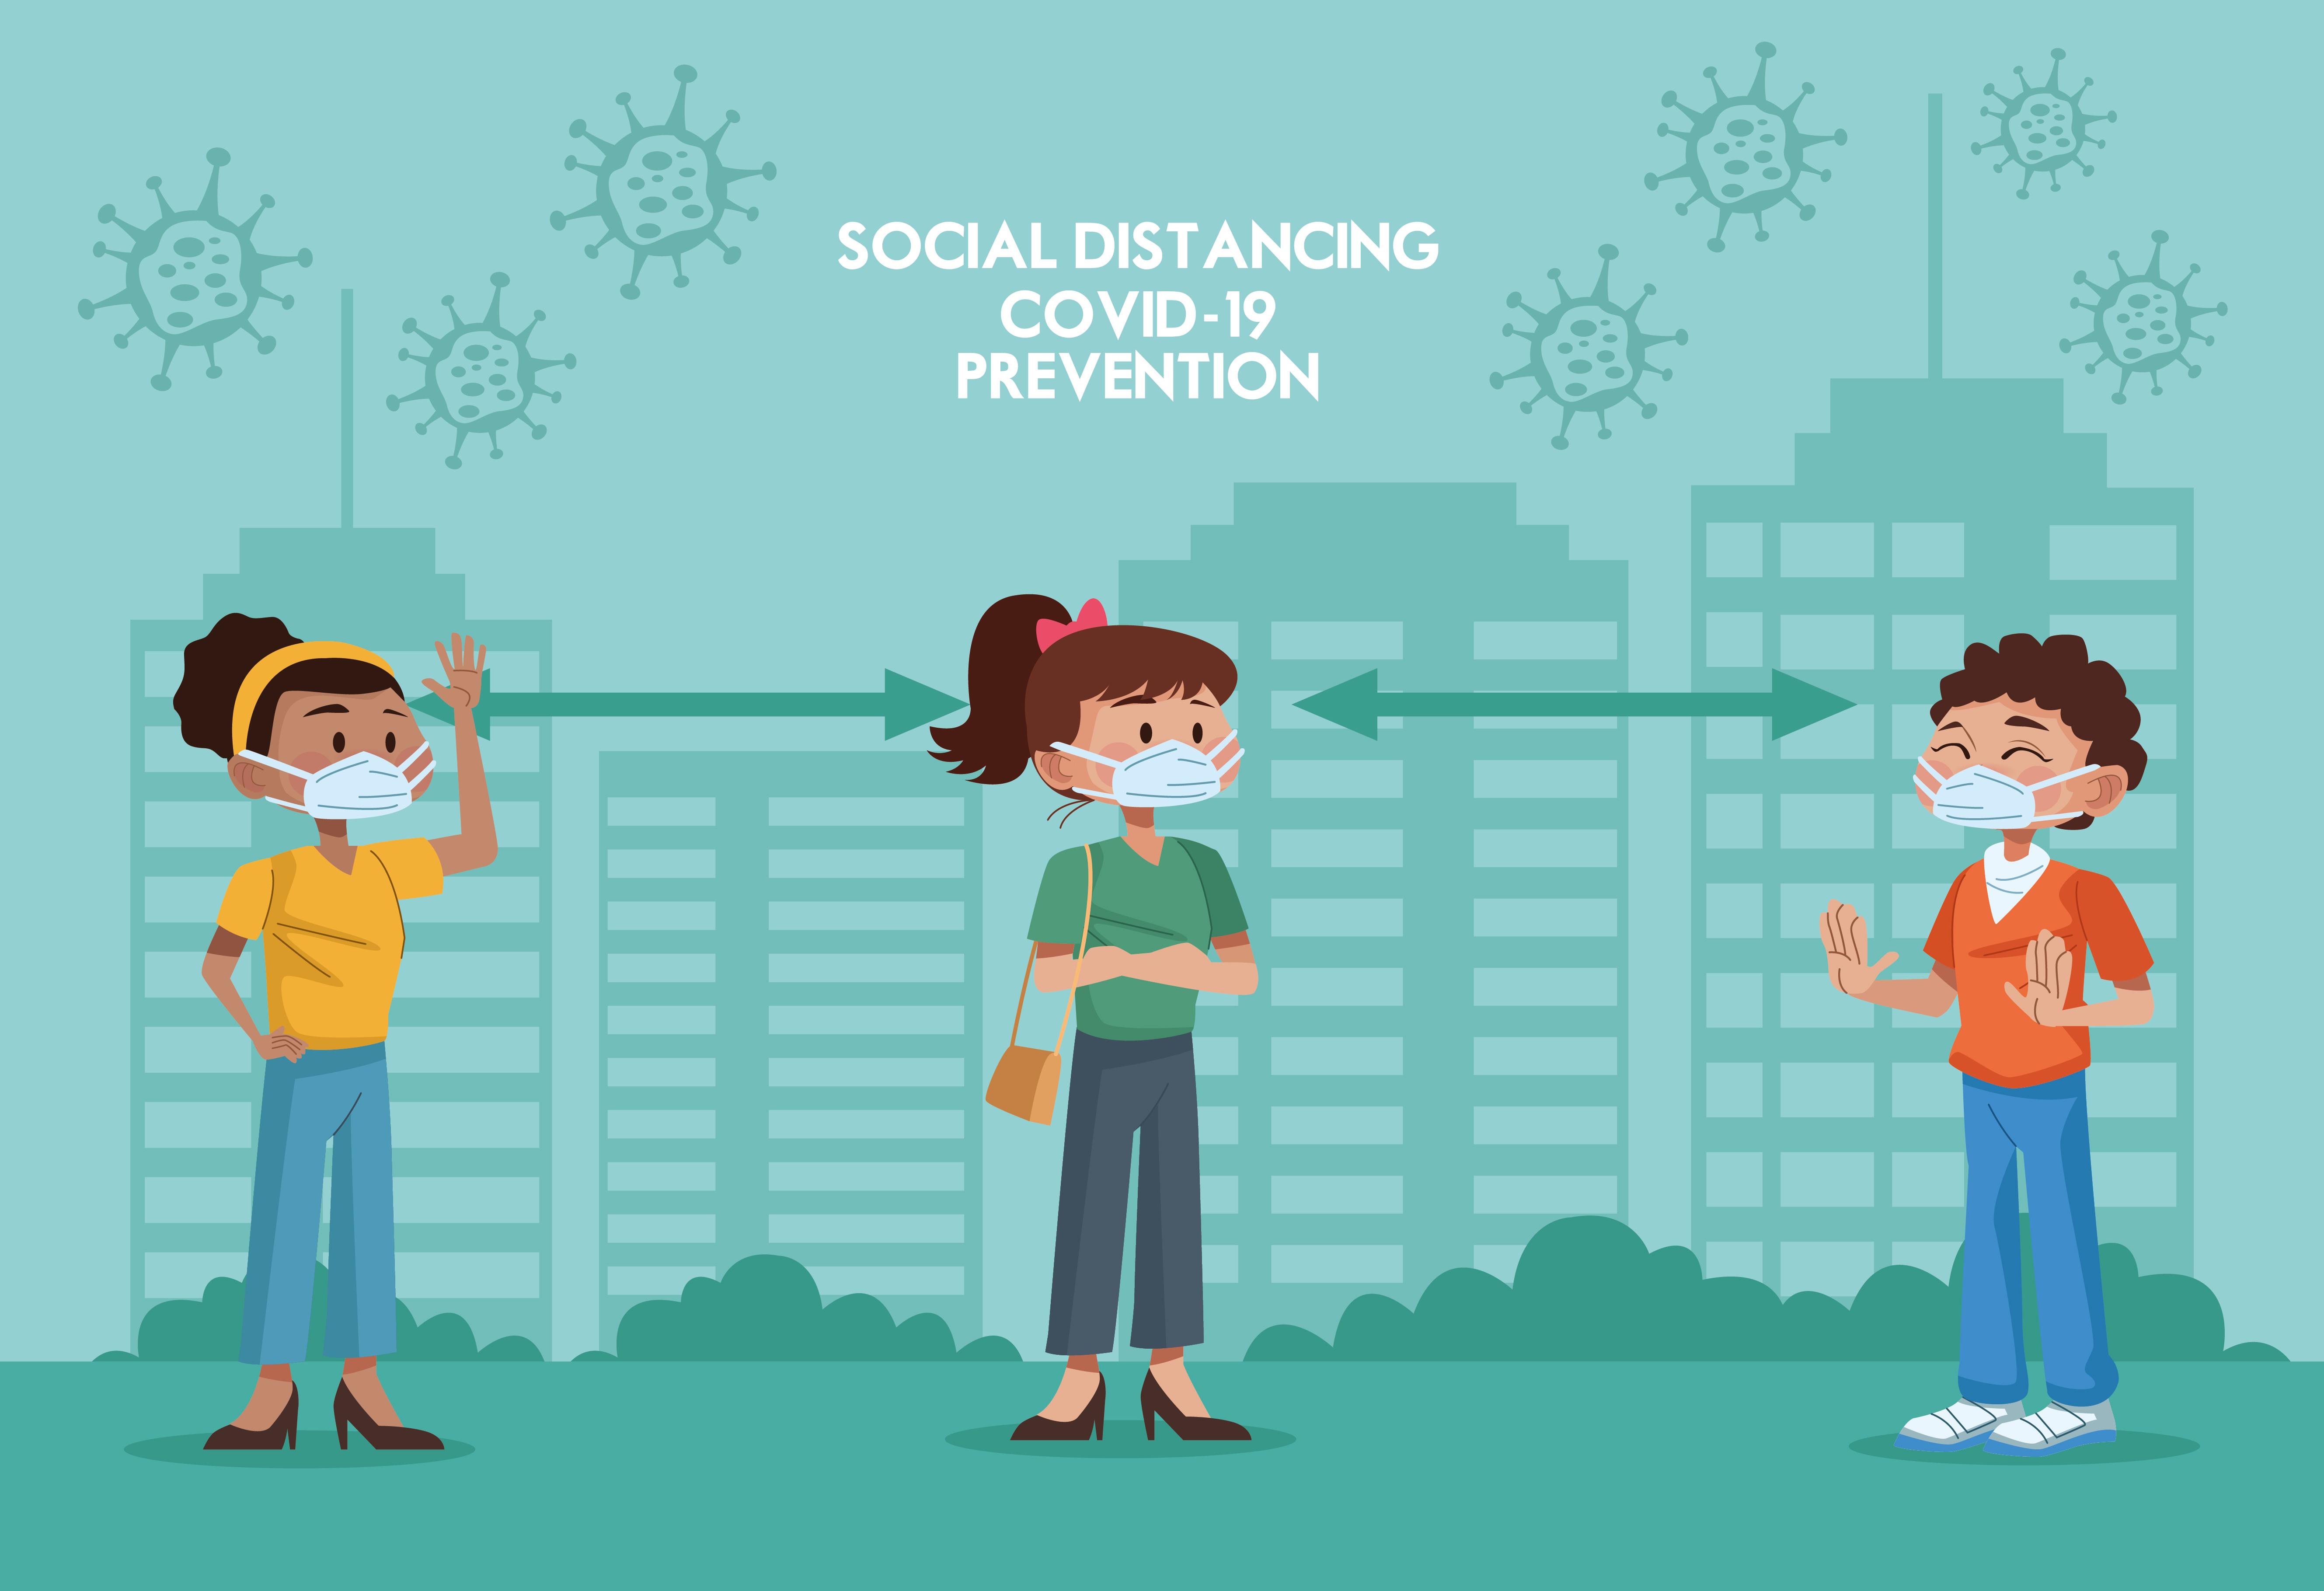 personas con máscaras y practicando distancia social.